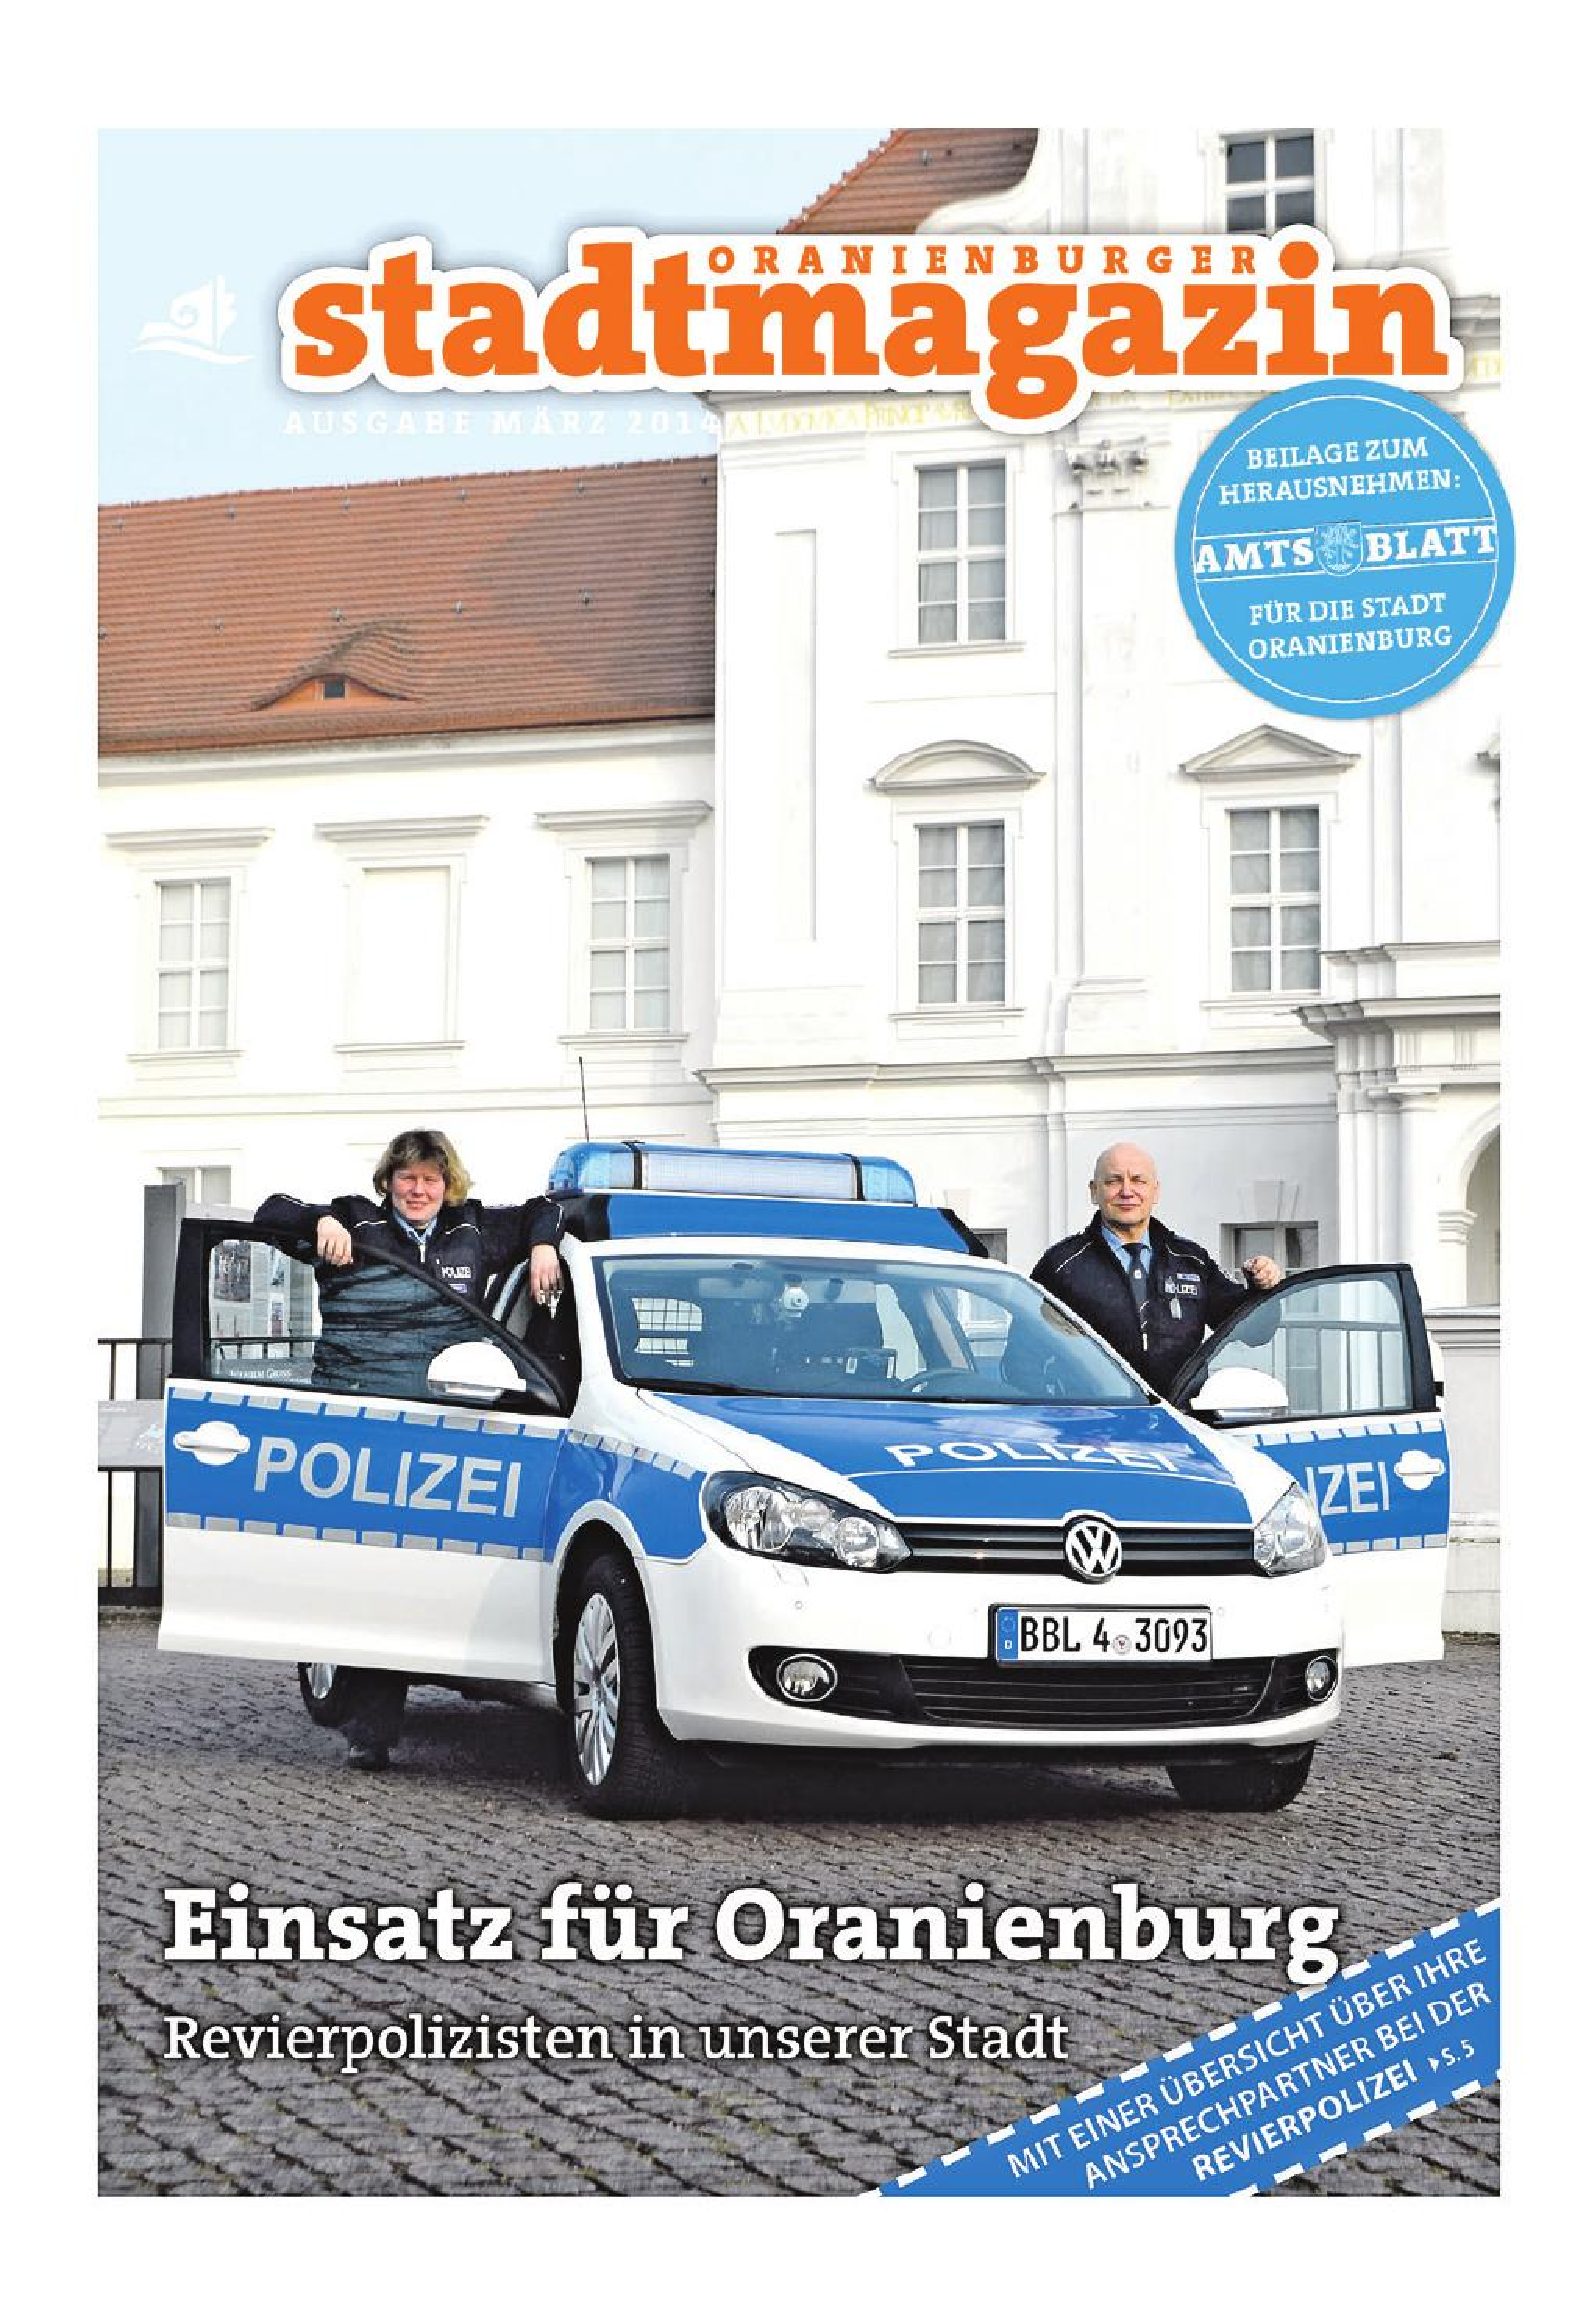 Oranienburger Stadtmagazin (März 2014) by Stadt Oranienburg - issuu